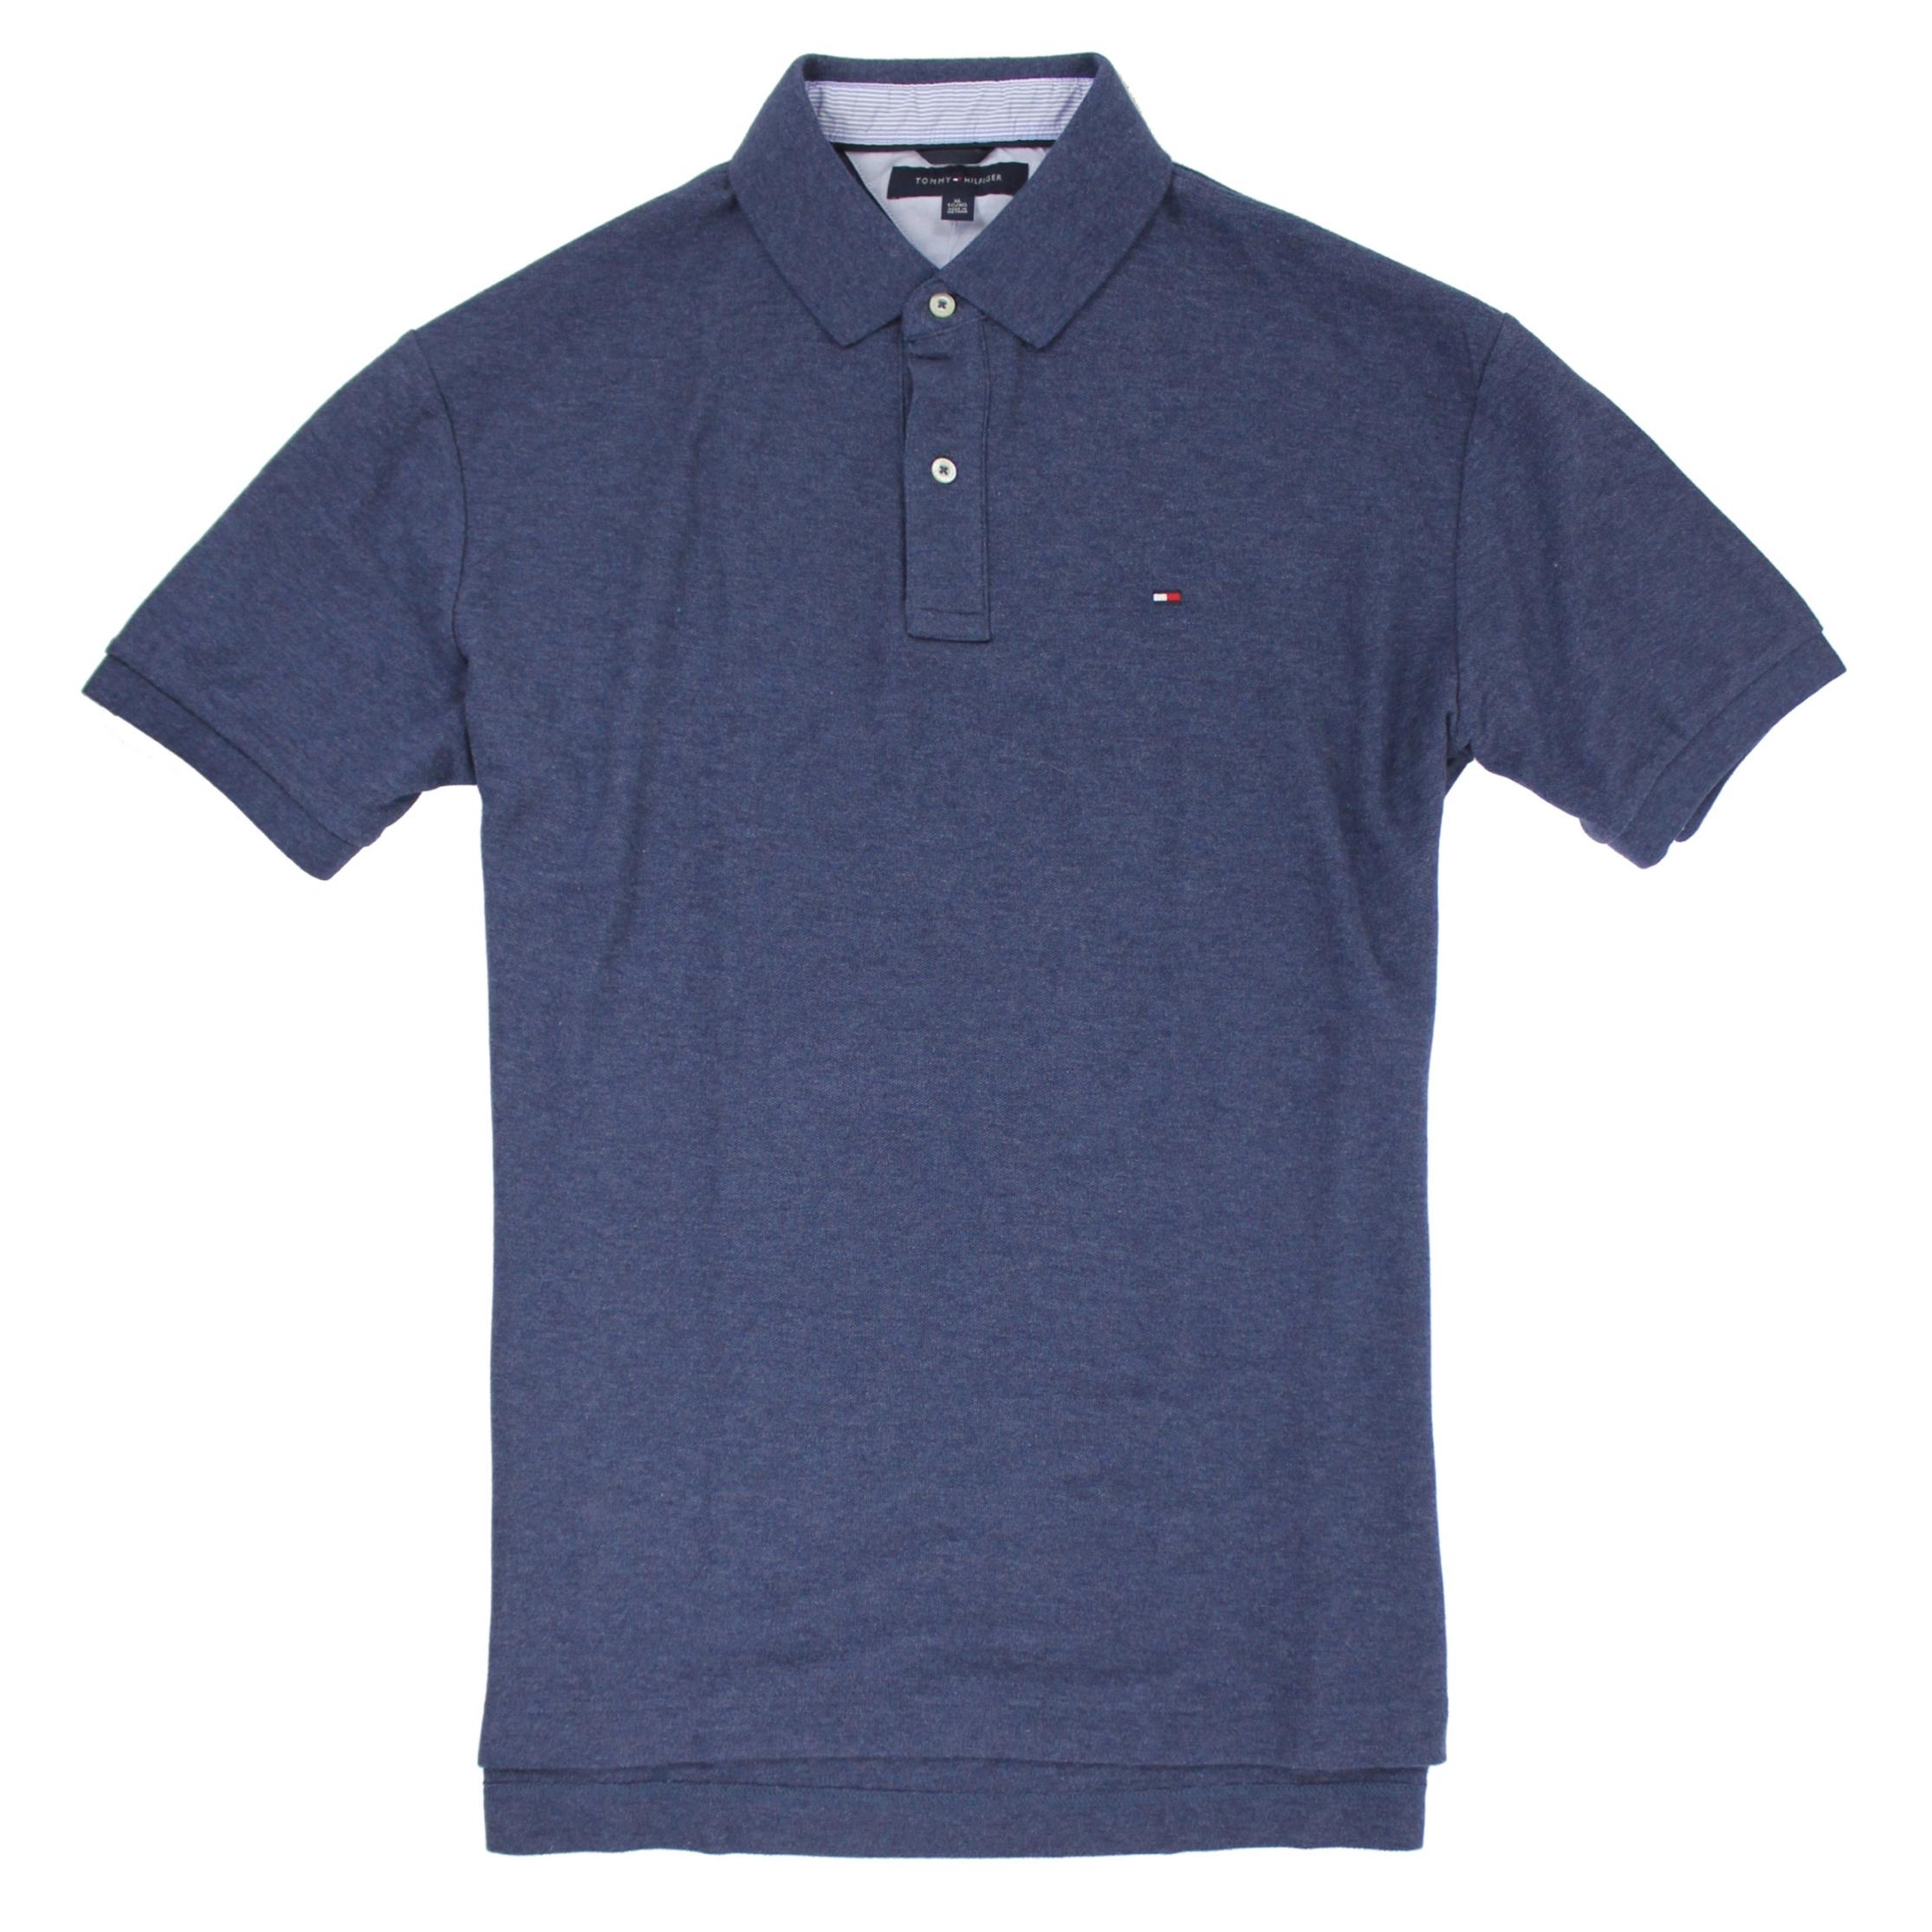 美國百分百【全新真品】Tommy Hilfiger TH 素色 網眼 男 短袖 上衣 POLO衫 藍灰色 XL E118